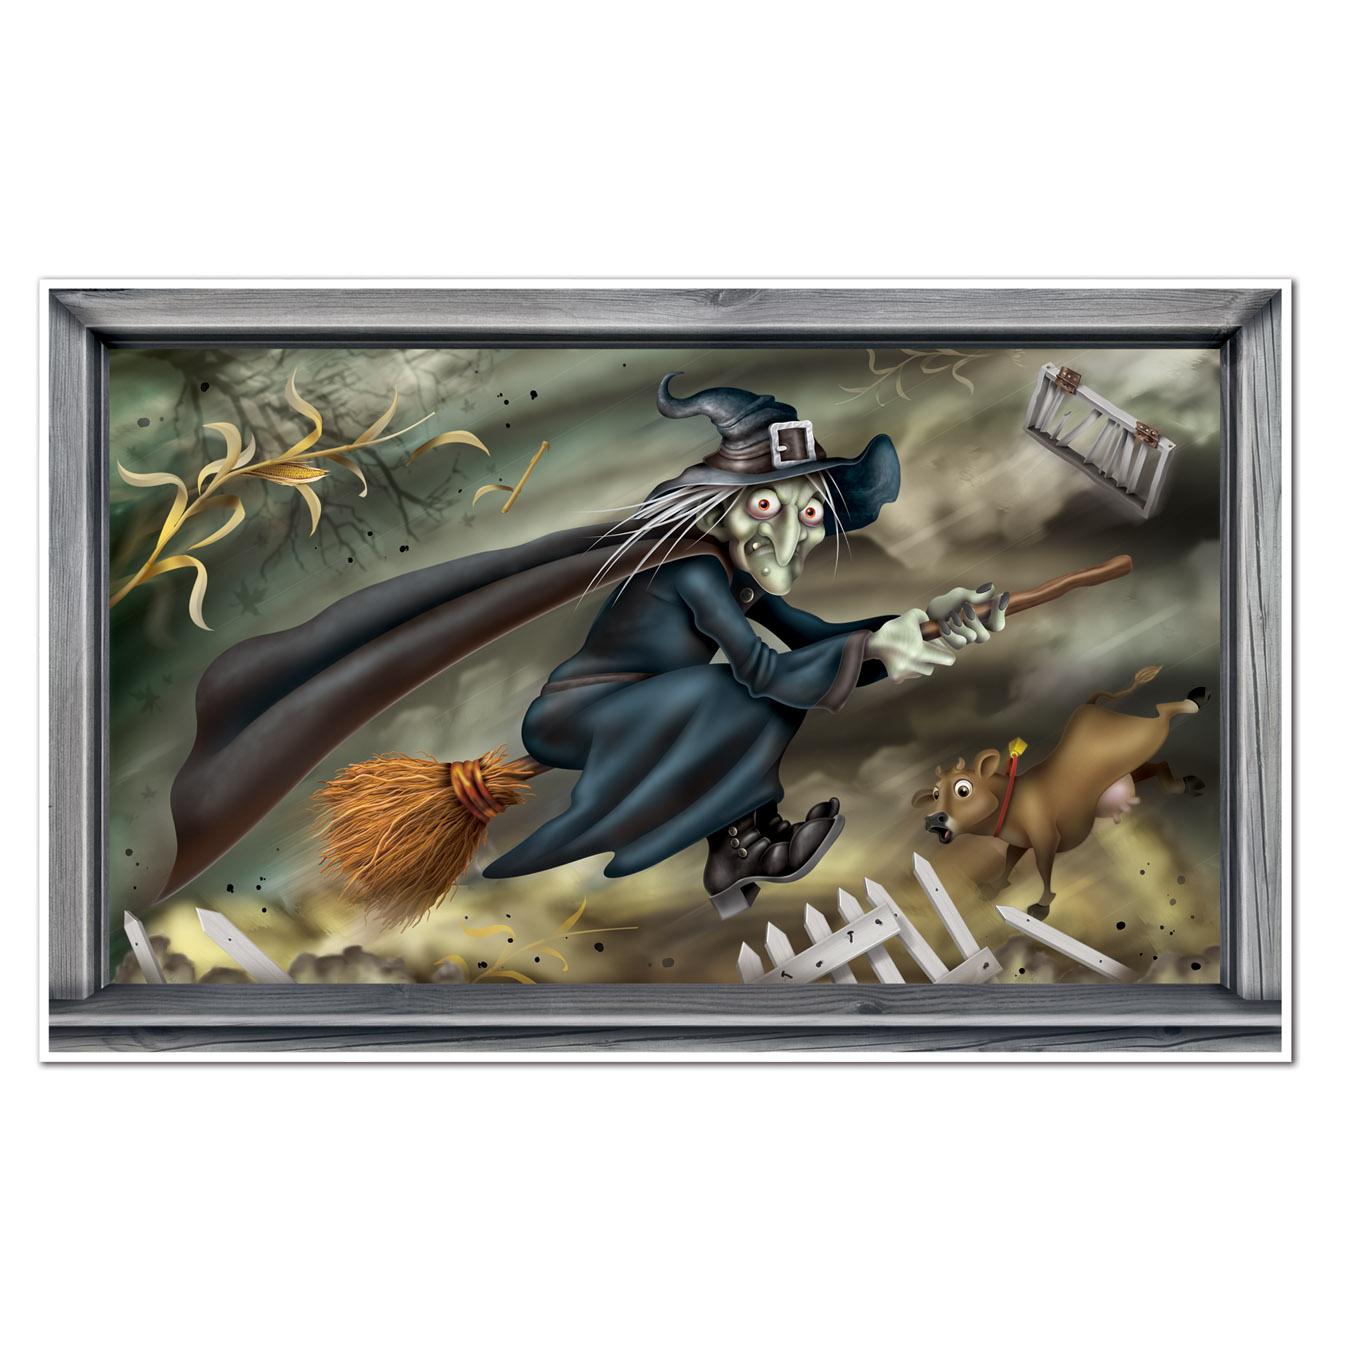 Vliegende heks decoratie voor halloween decoratie en goedkope carnavalskleding vegaoo - Decoratie voor halloween is jezelf ...